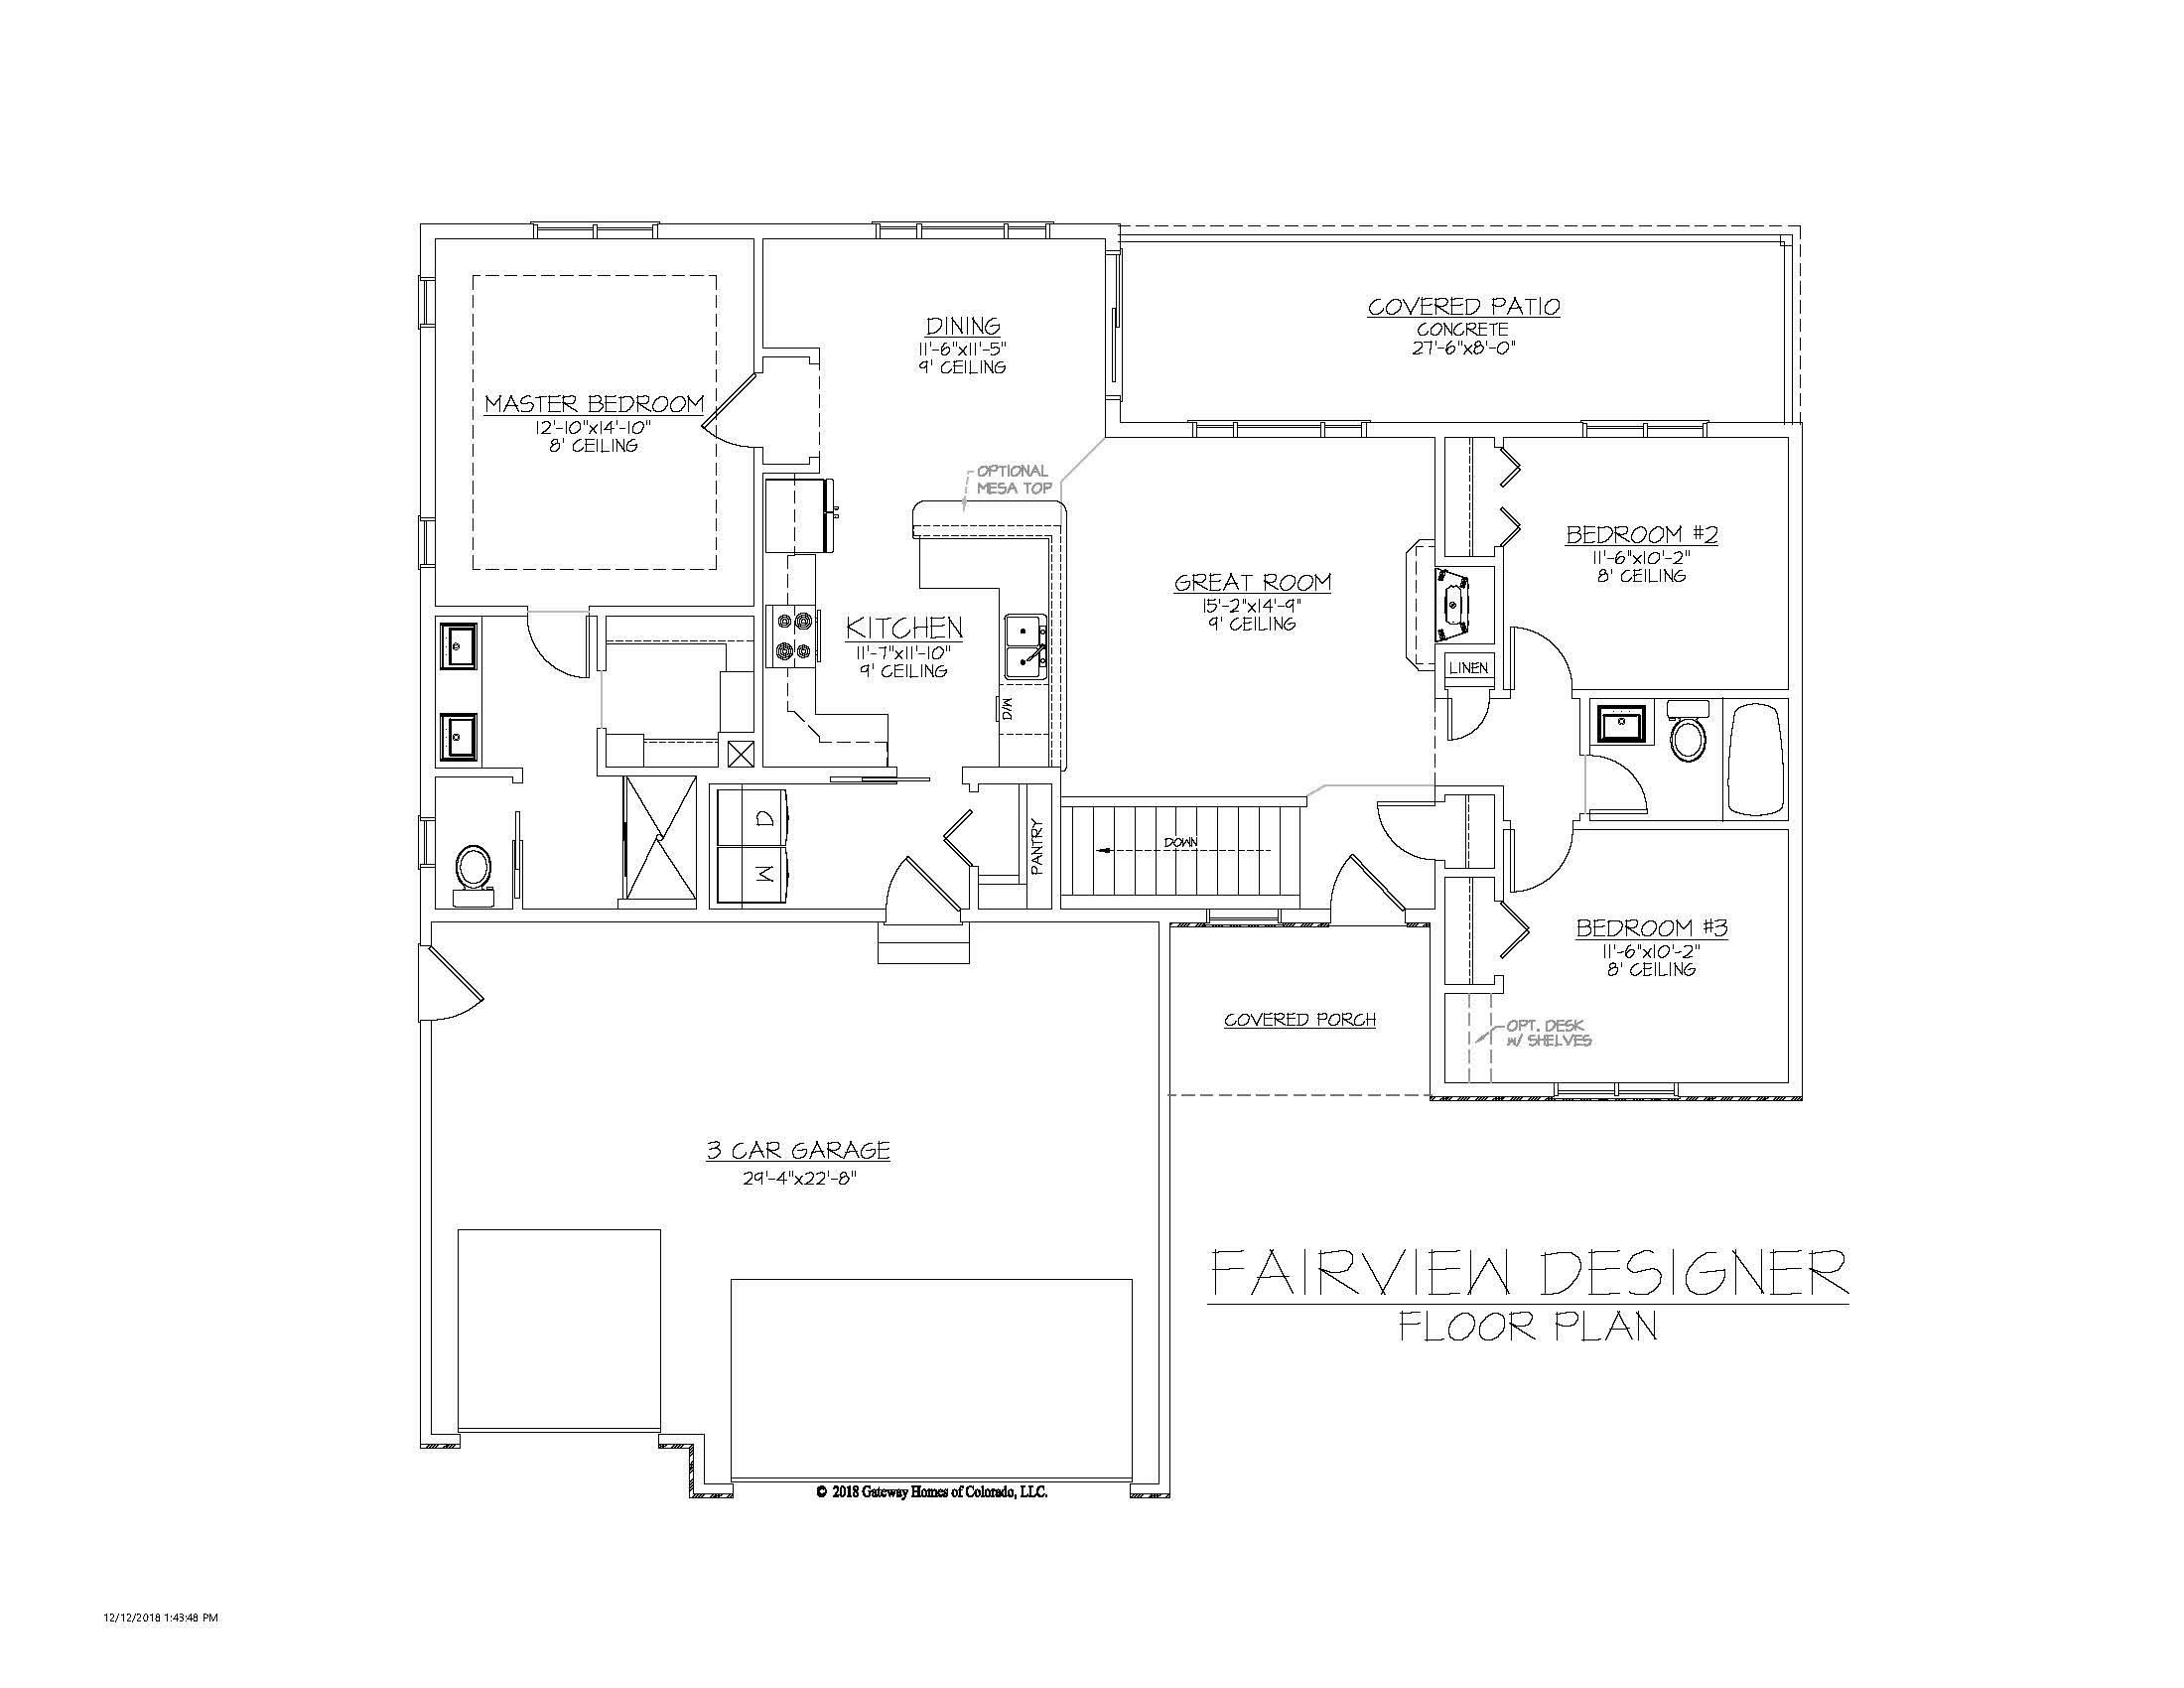 SM Fairview Designer Fplan